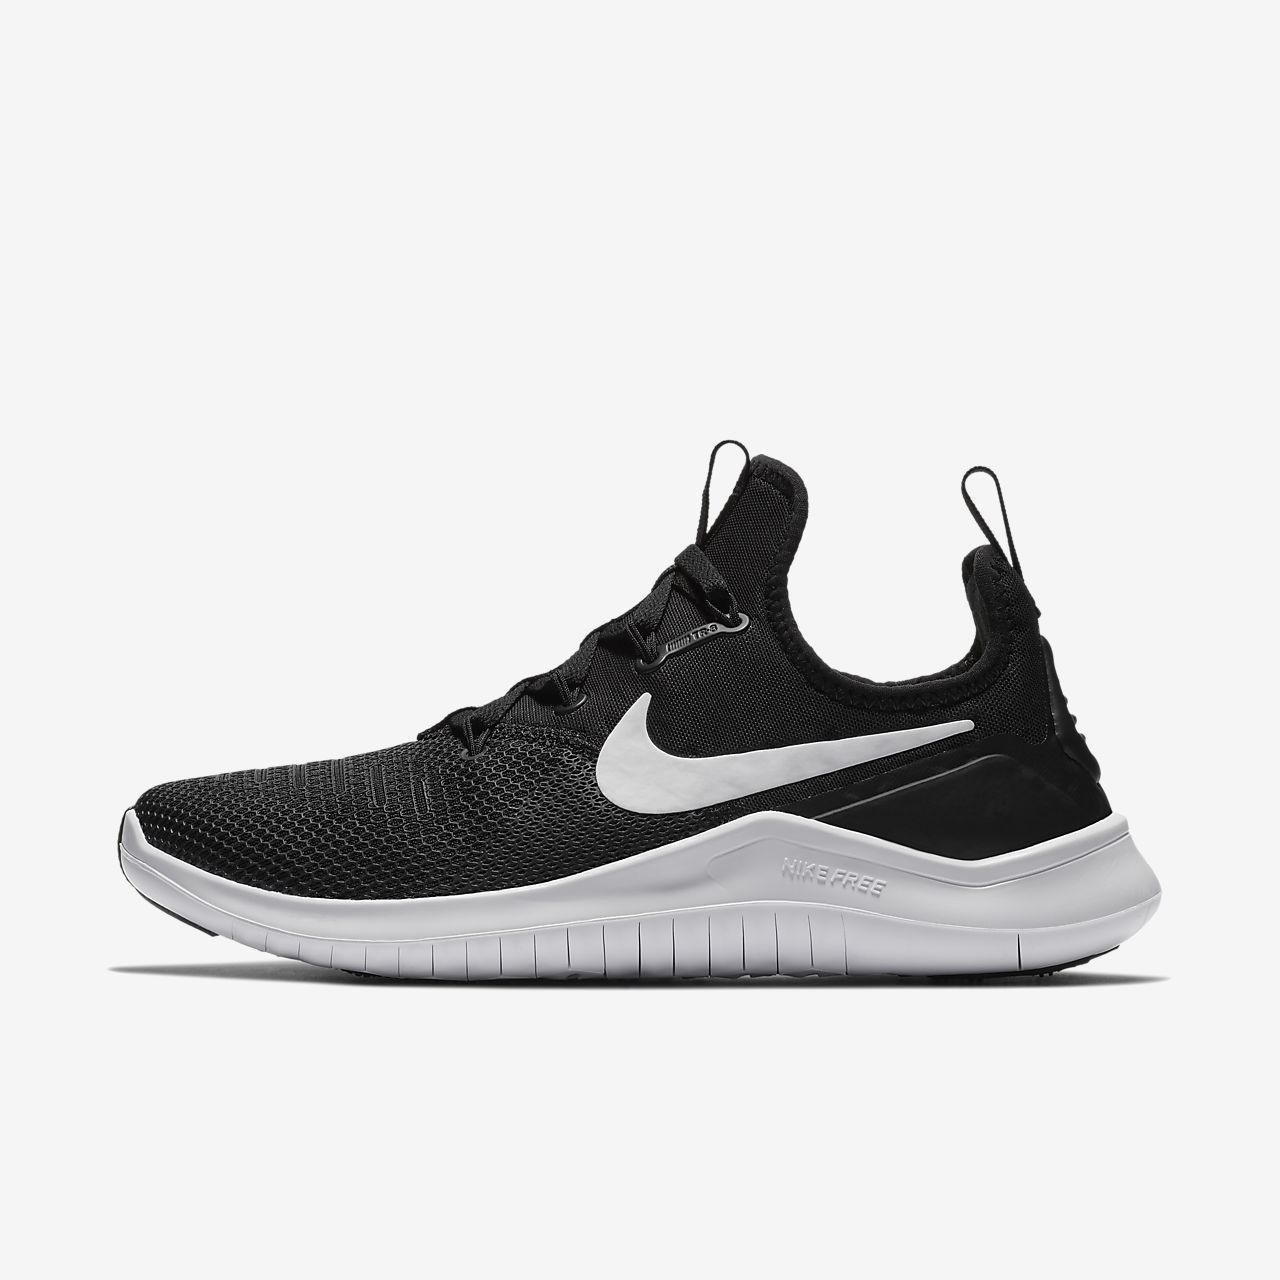 Női Tr8 Keresztedző CipőHu Nike Free Edzőtermihiit tCsxBhQdr